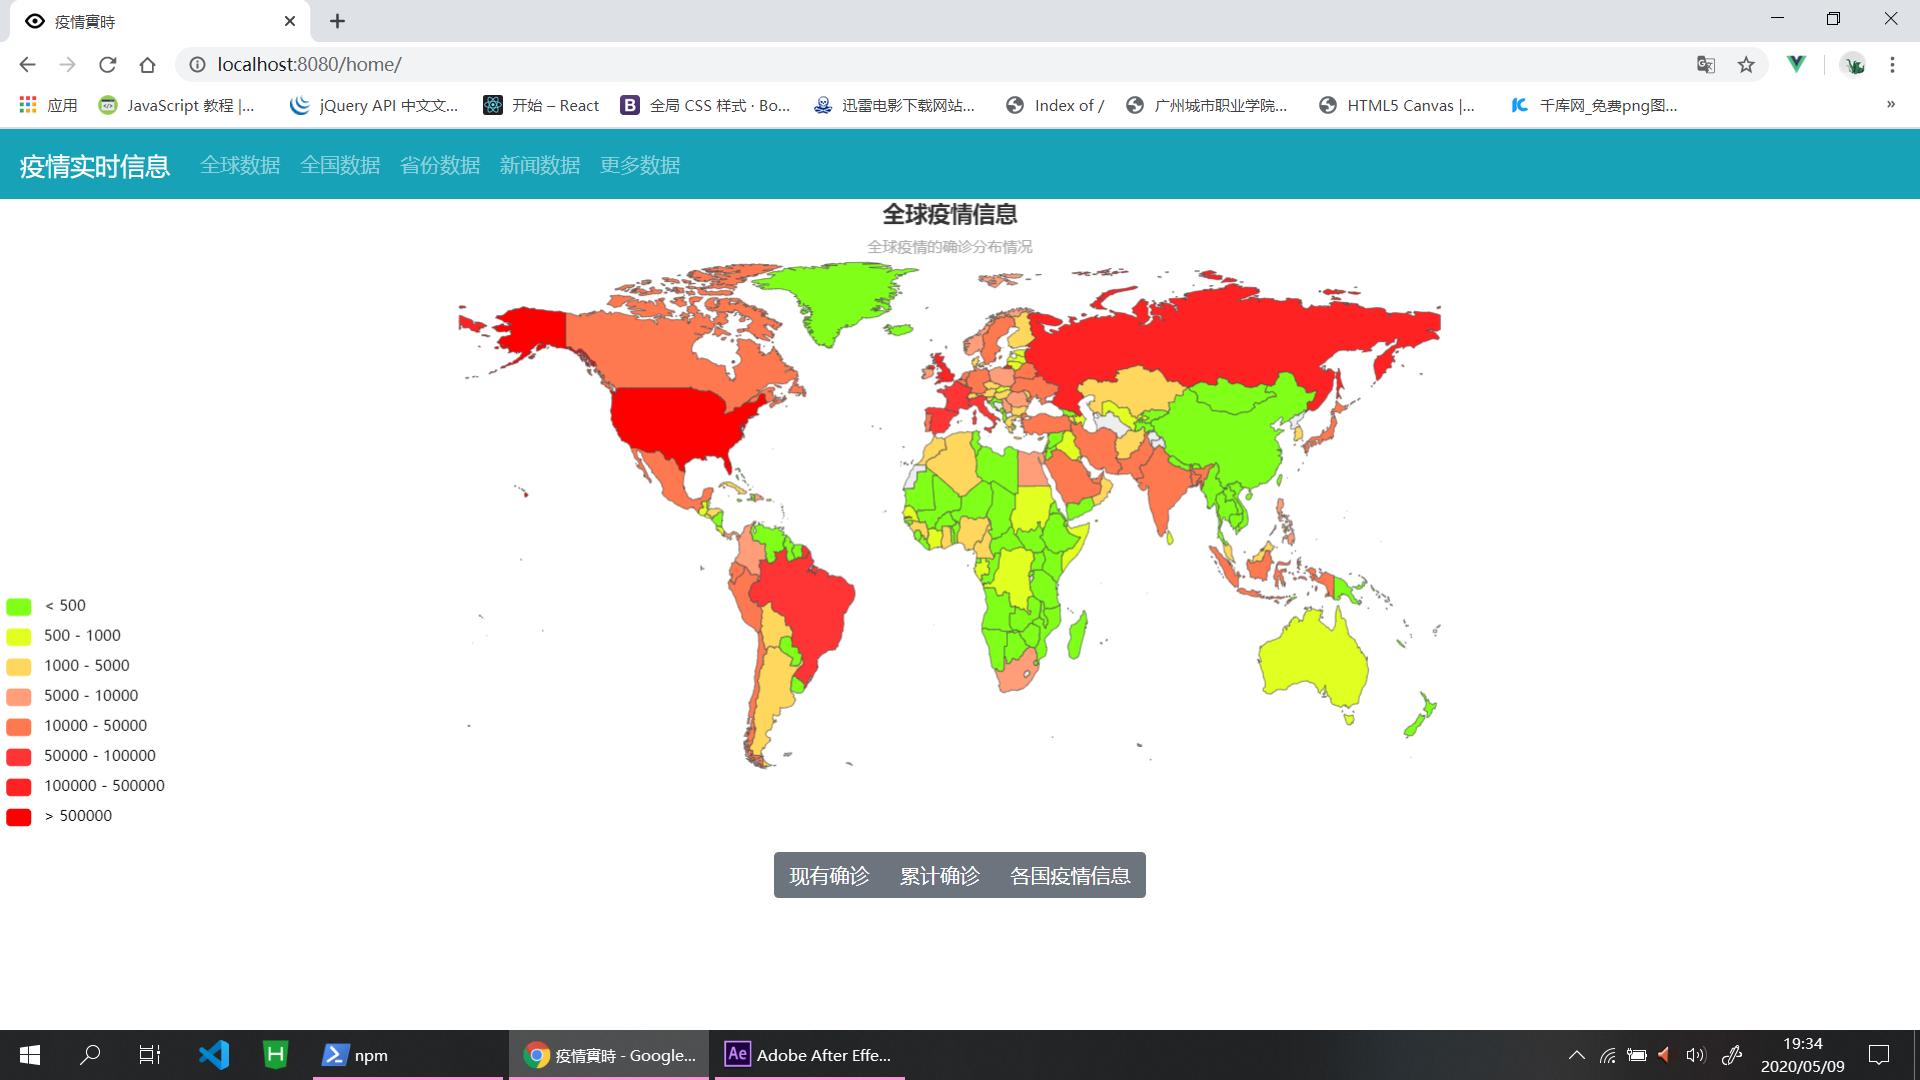 疫情网站开发日志